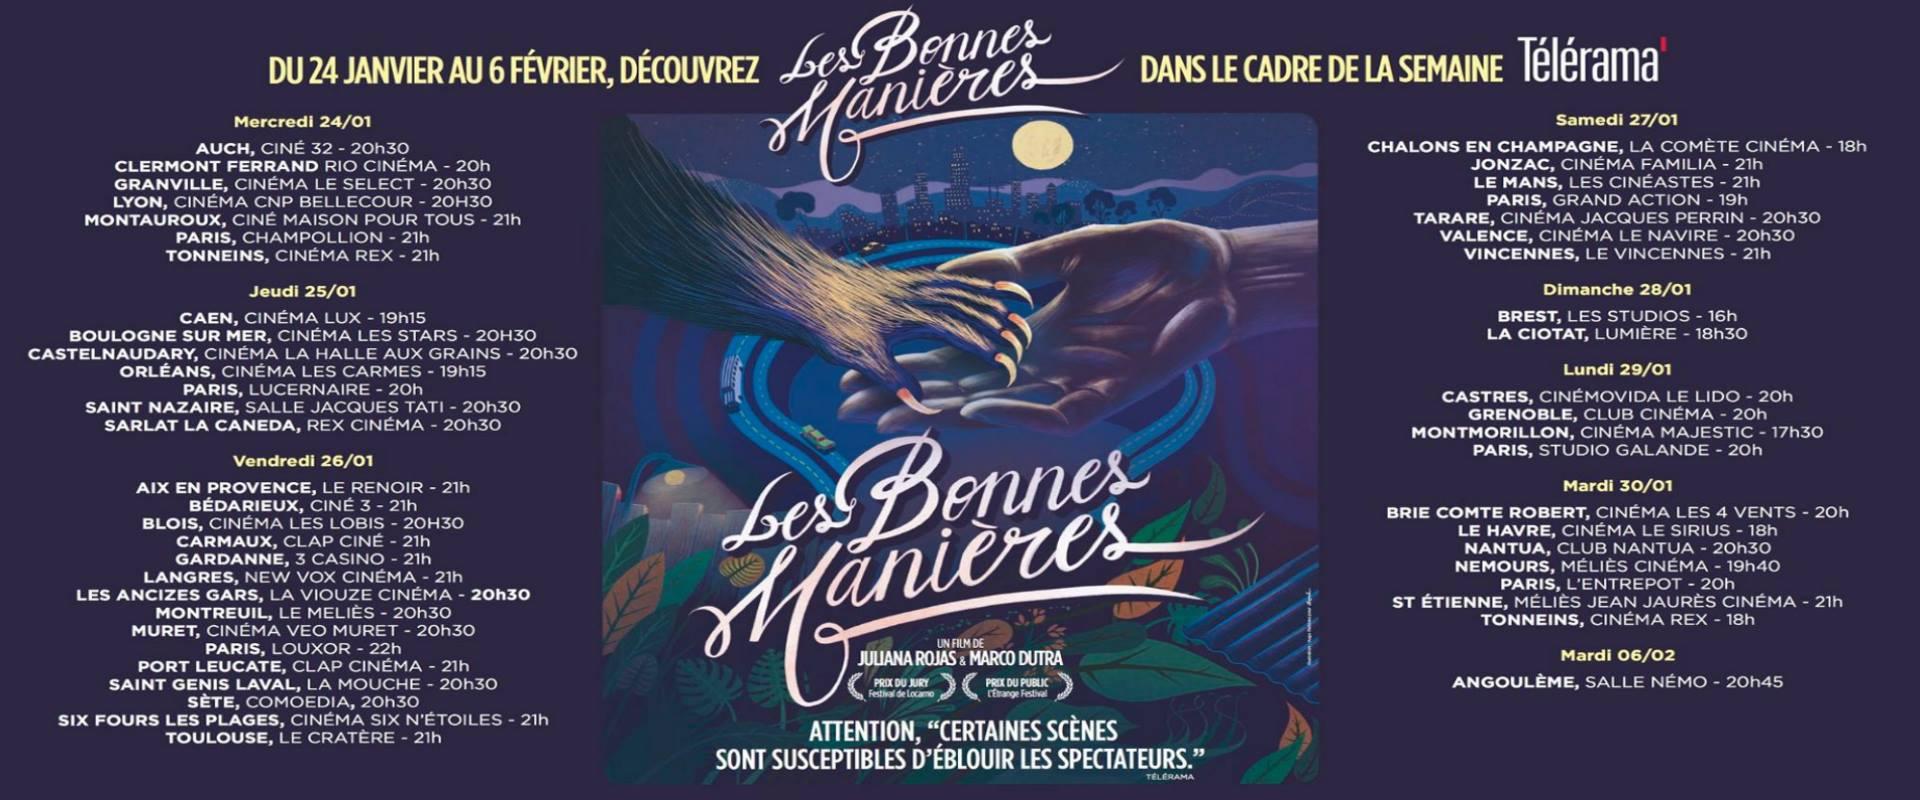 LES BONNES MANIERES-AU CINEMA LE 21 MARS